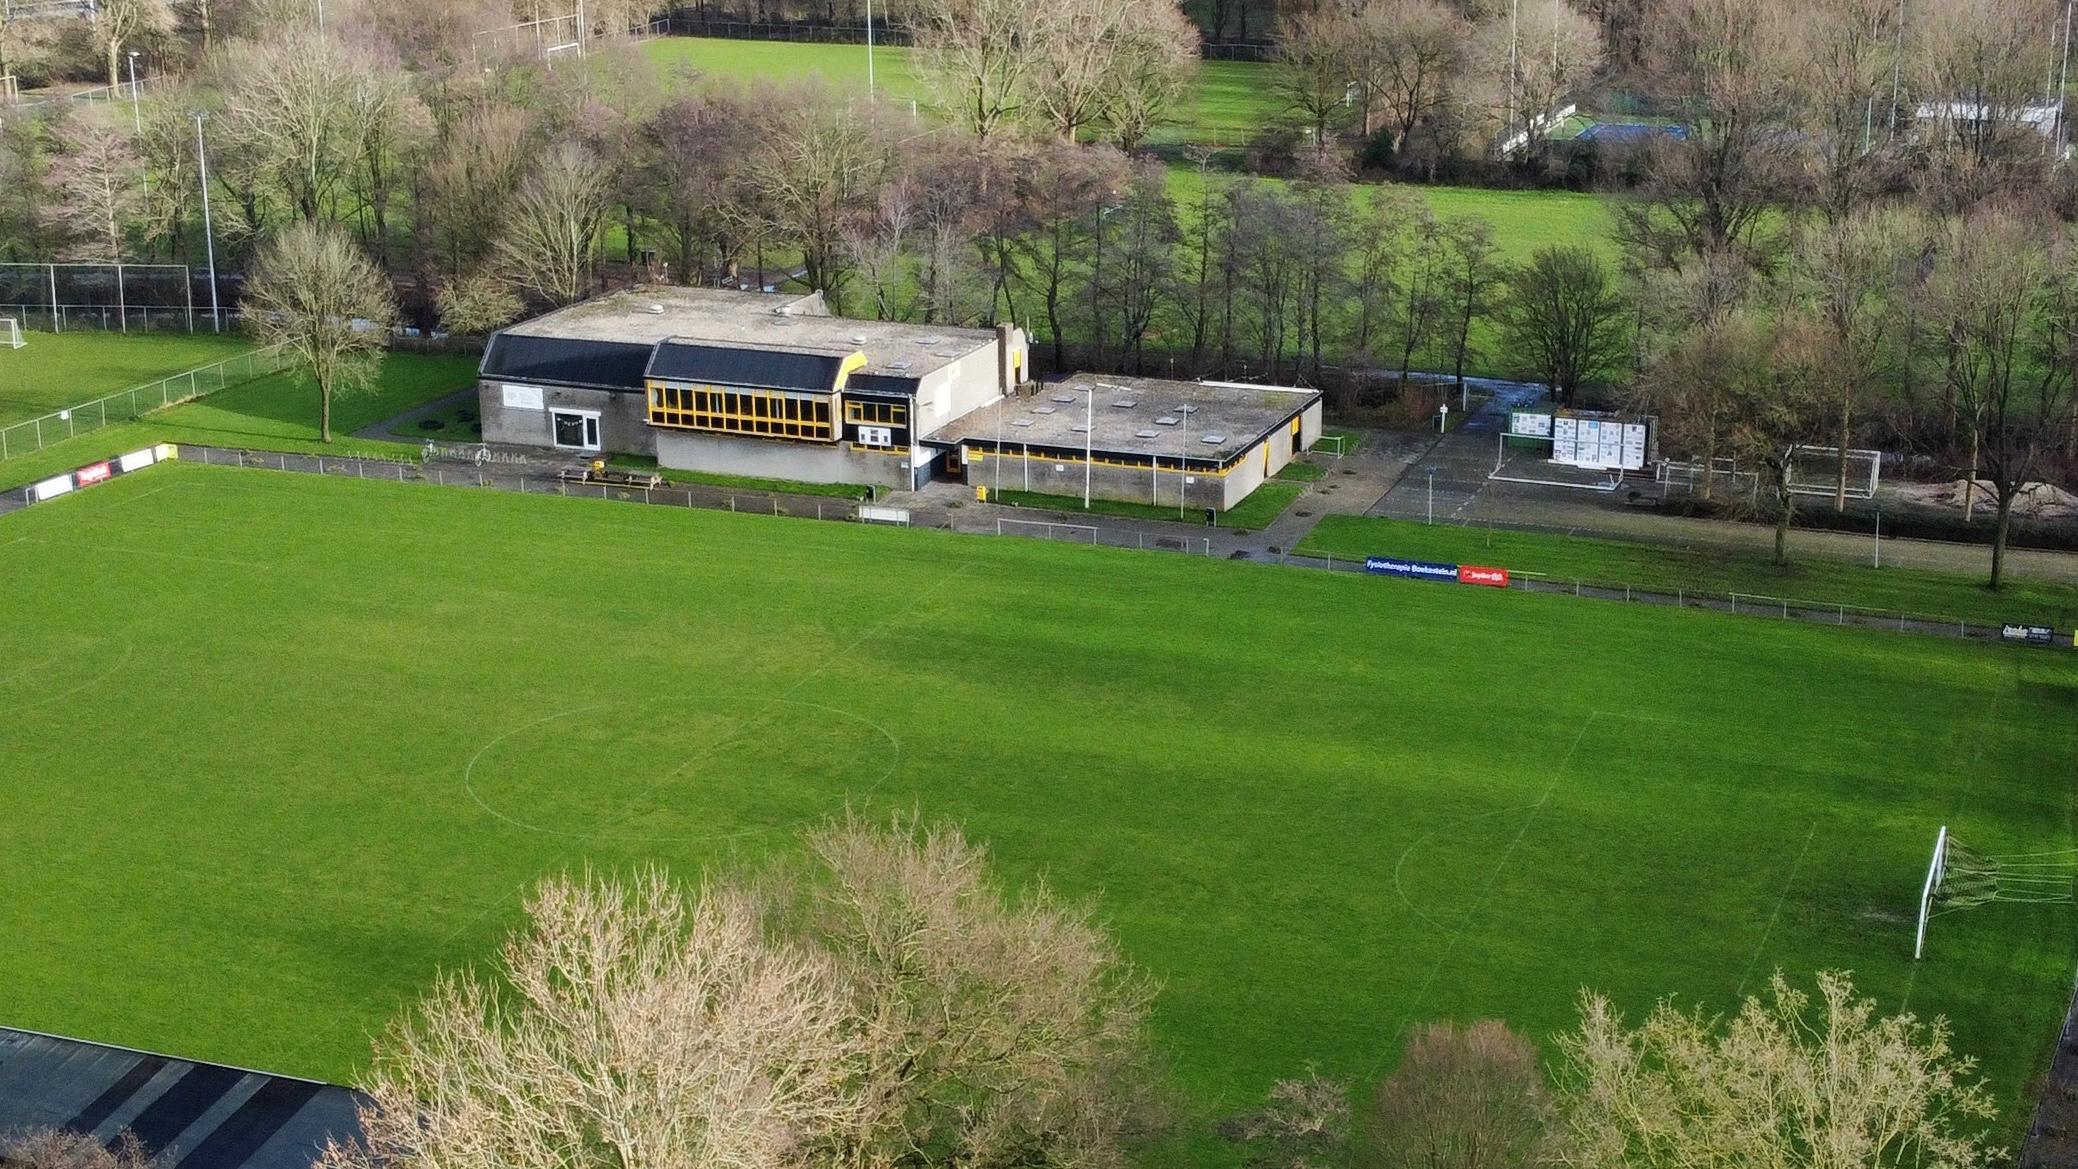 Combinatie IKEC Hoorn met binnensportaccommodatie bij HSV Sport volgens college 'niet haalbaar'